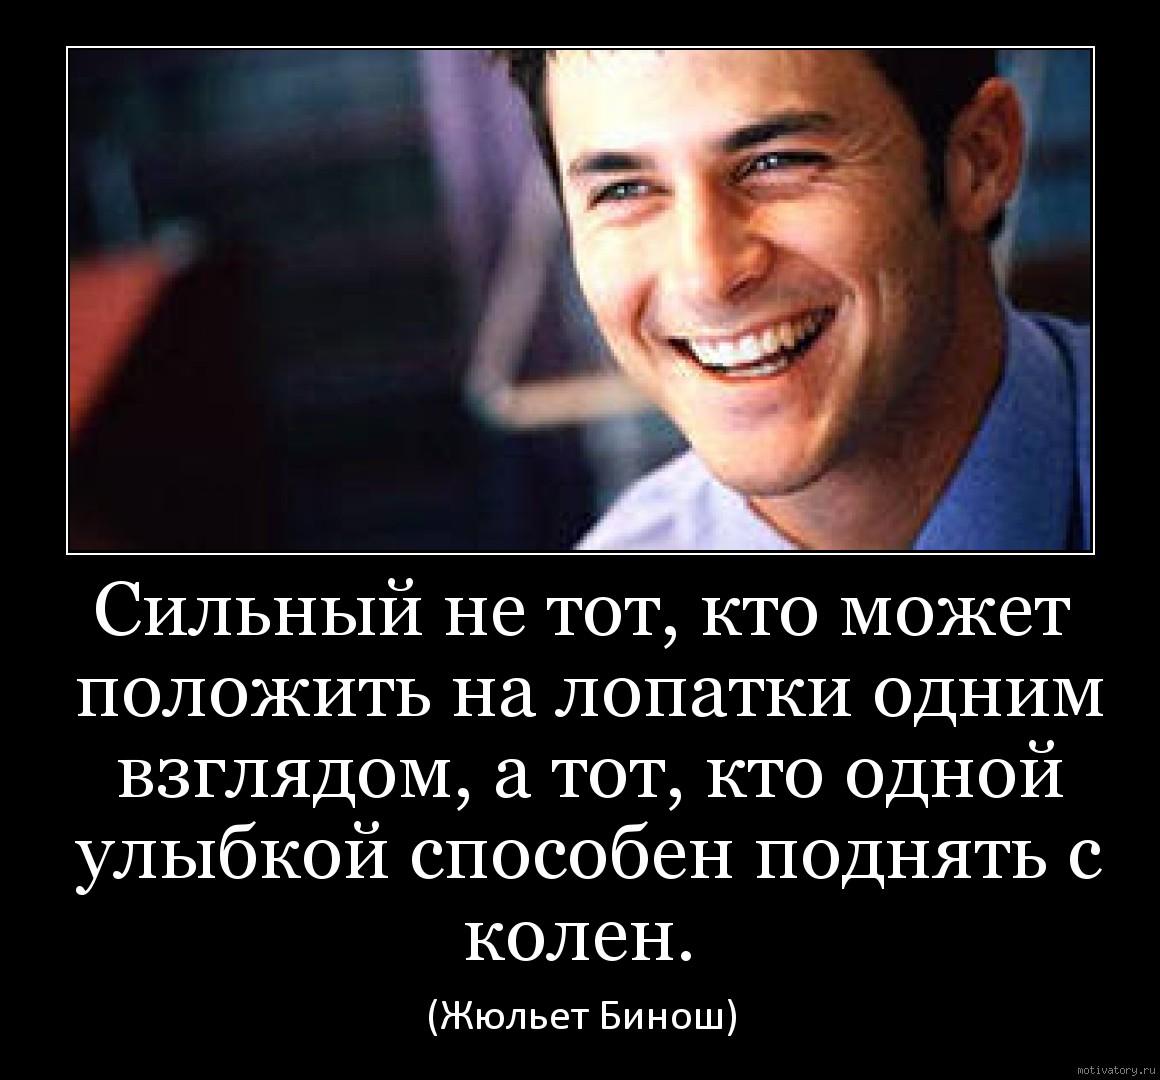 Сильный не тот, кто может положить на лопатки одним взглядом, а тот, кто одной улыбкой способен поднять с колен.